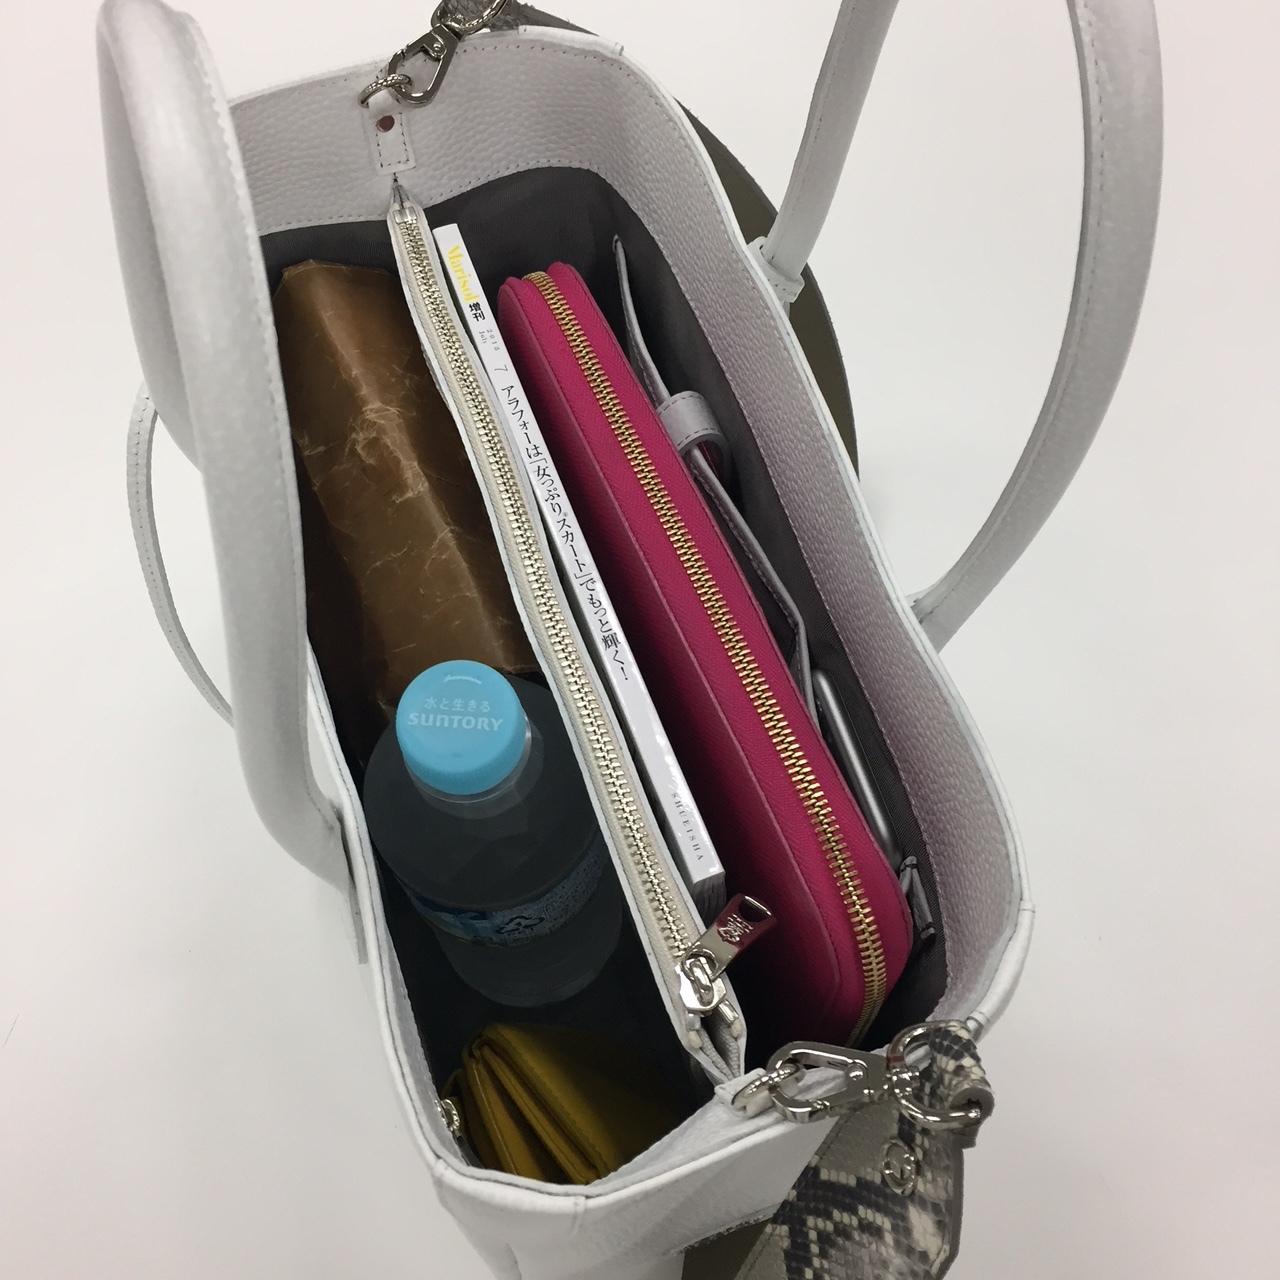 A.D.M.Jのバッグの便利さにハマるスタッフが続出中!_1_1-4